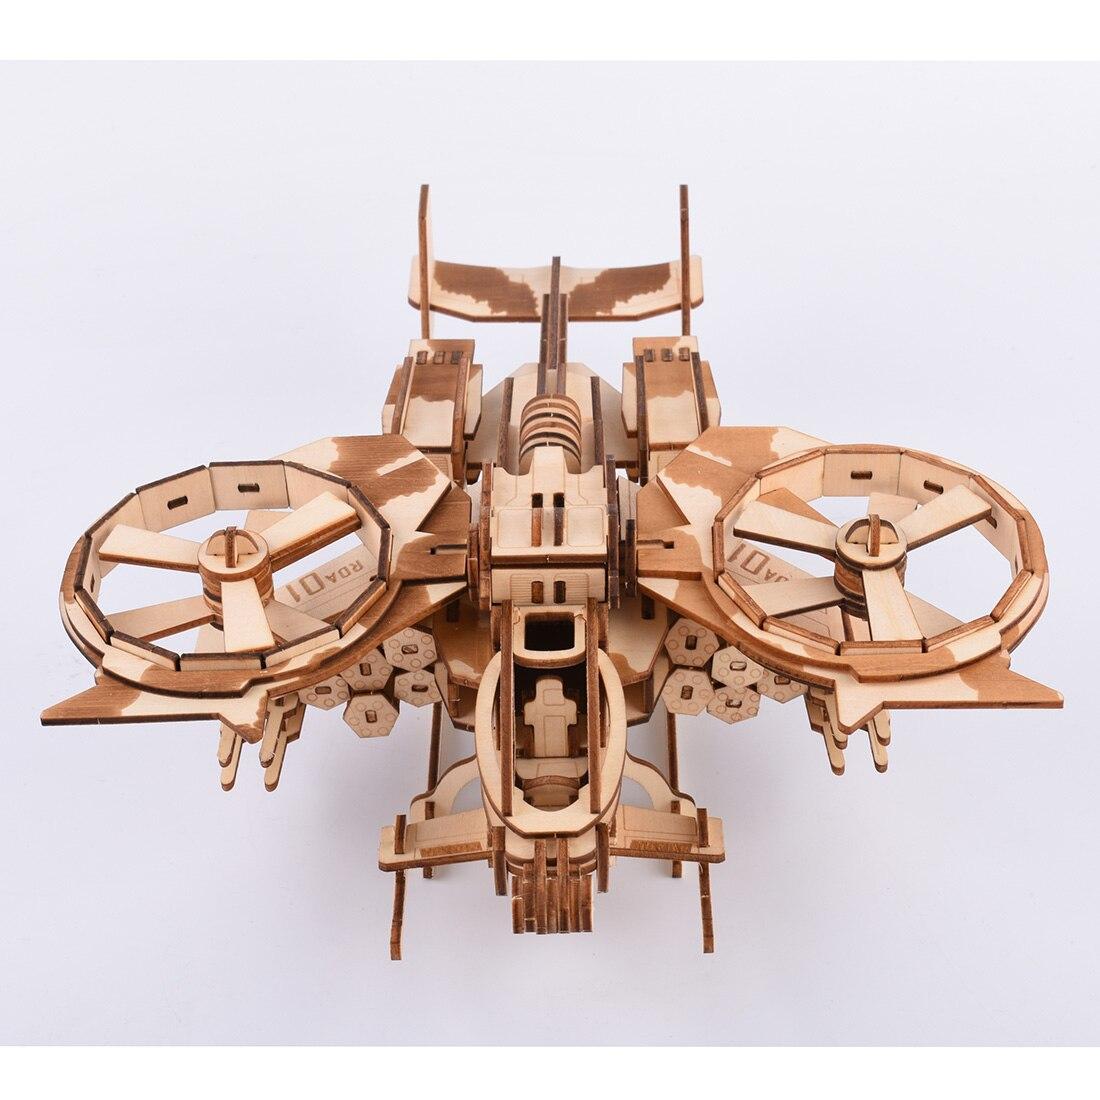 kit dassemblage de Puzzles de Construction m/écanique en Bois pour Adultes Kit de Construction pour Adultes Ecisi Projecteur 3D Puzzle Kit dartisanat en Bois